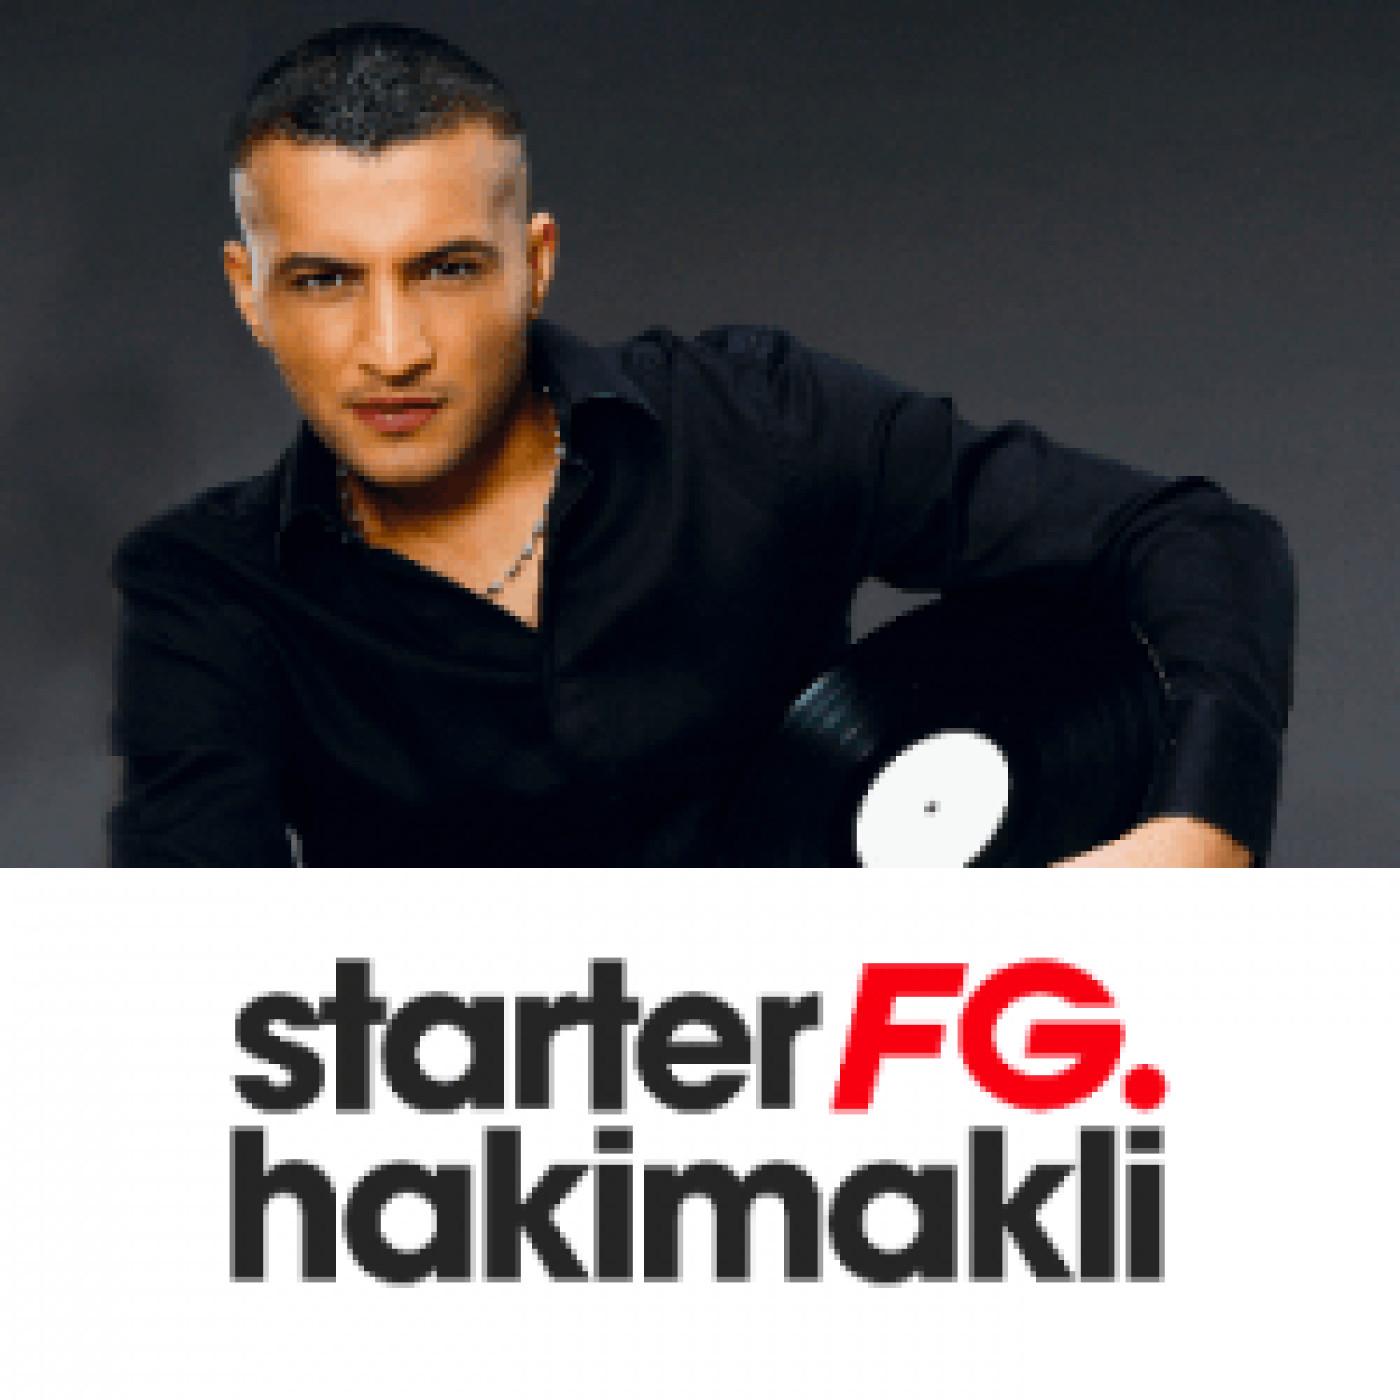 STARTER FG BY HAKIMAKLI MARDI 25 AOUT 2020